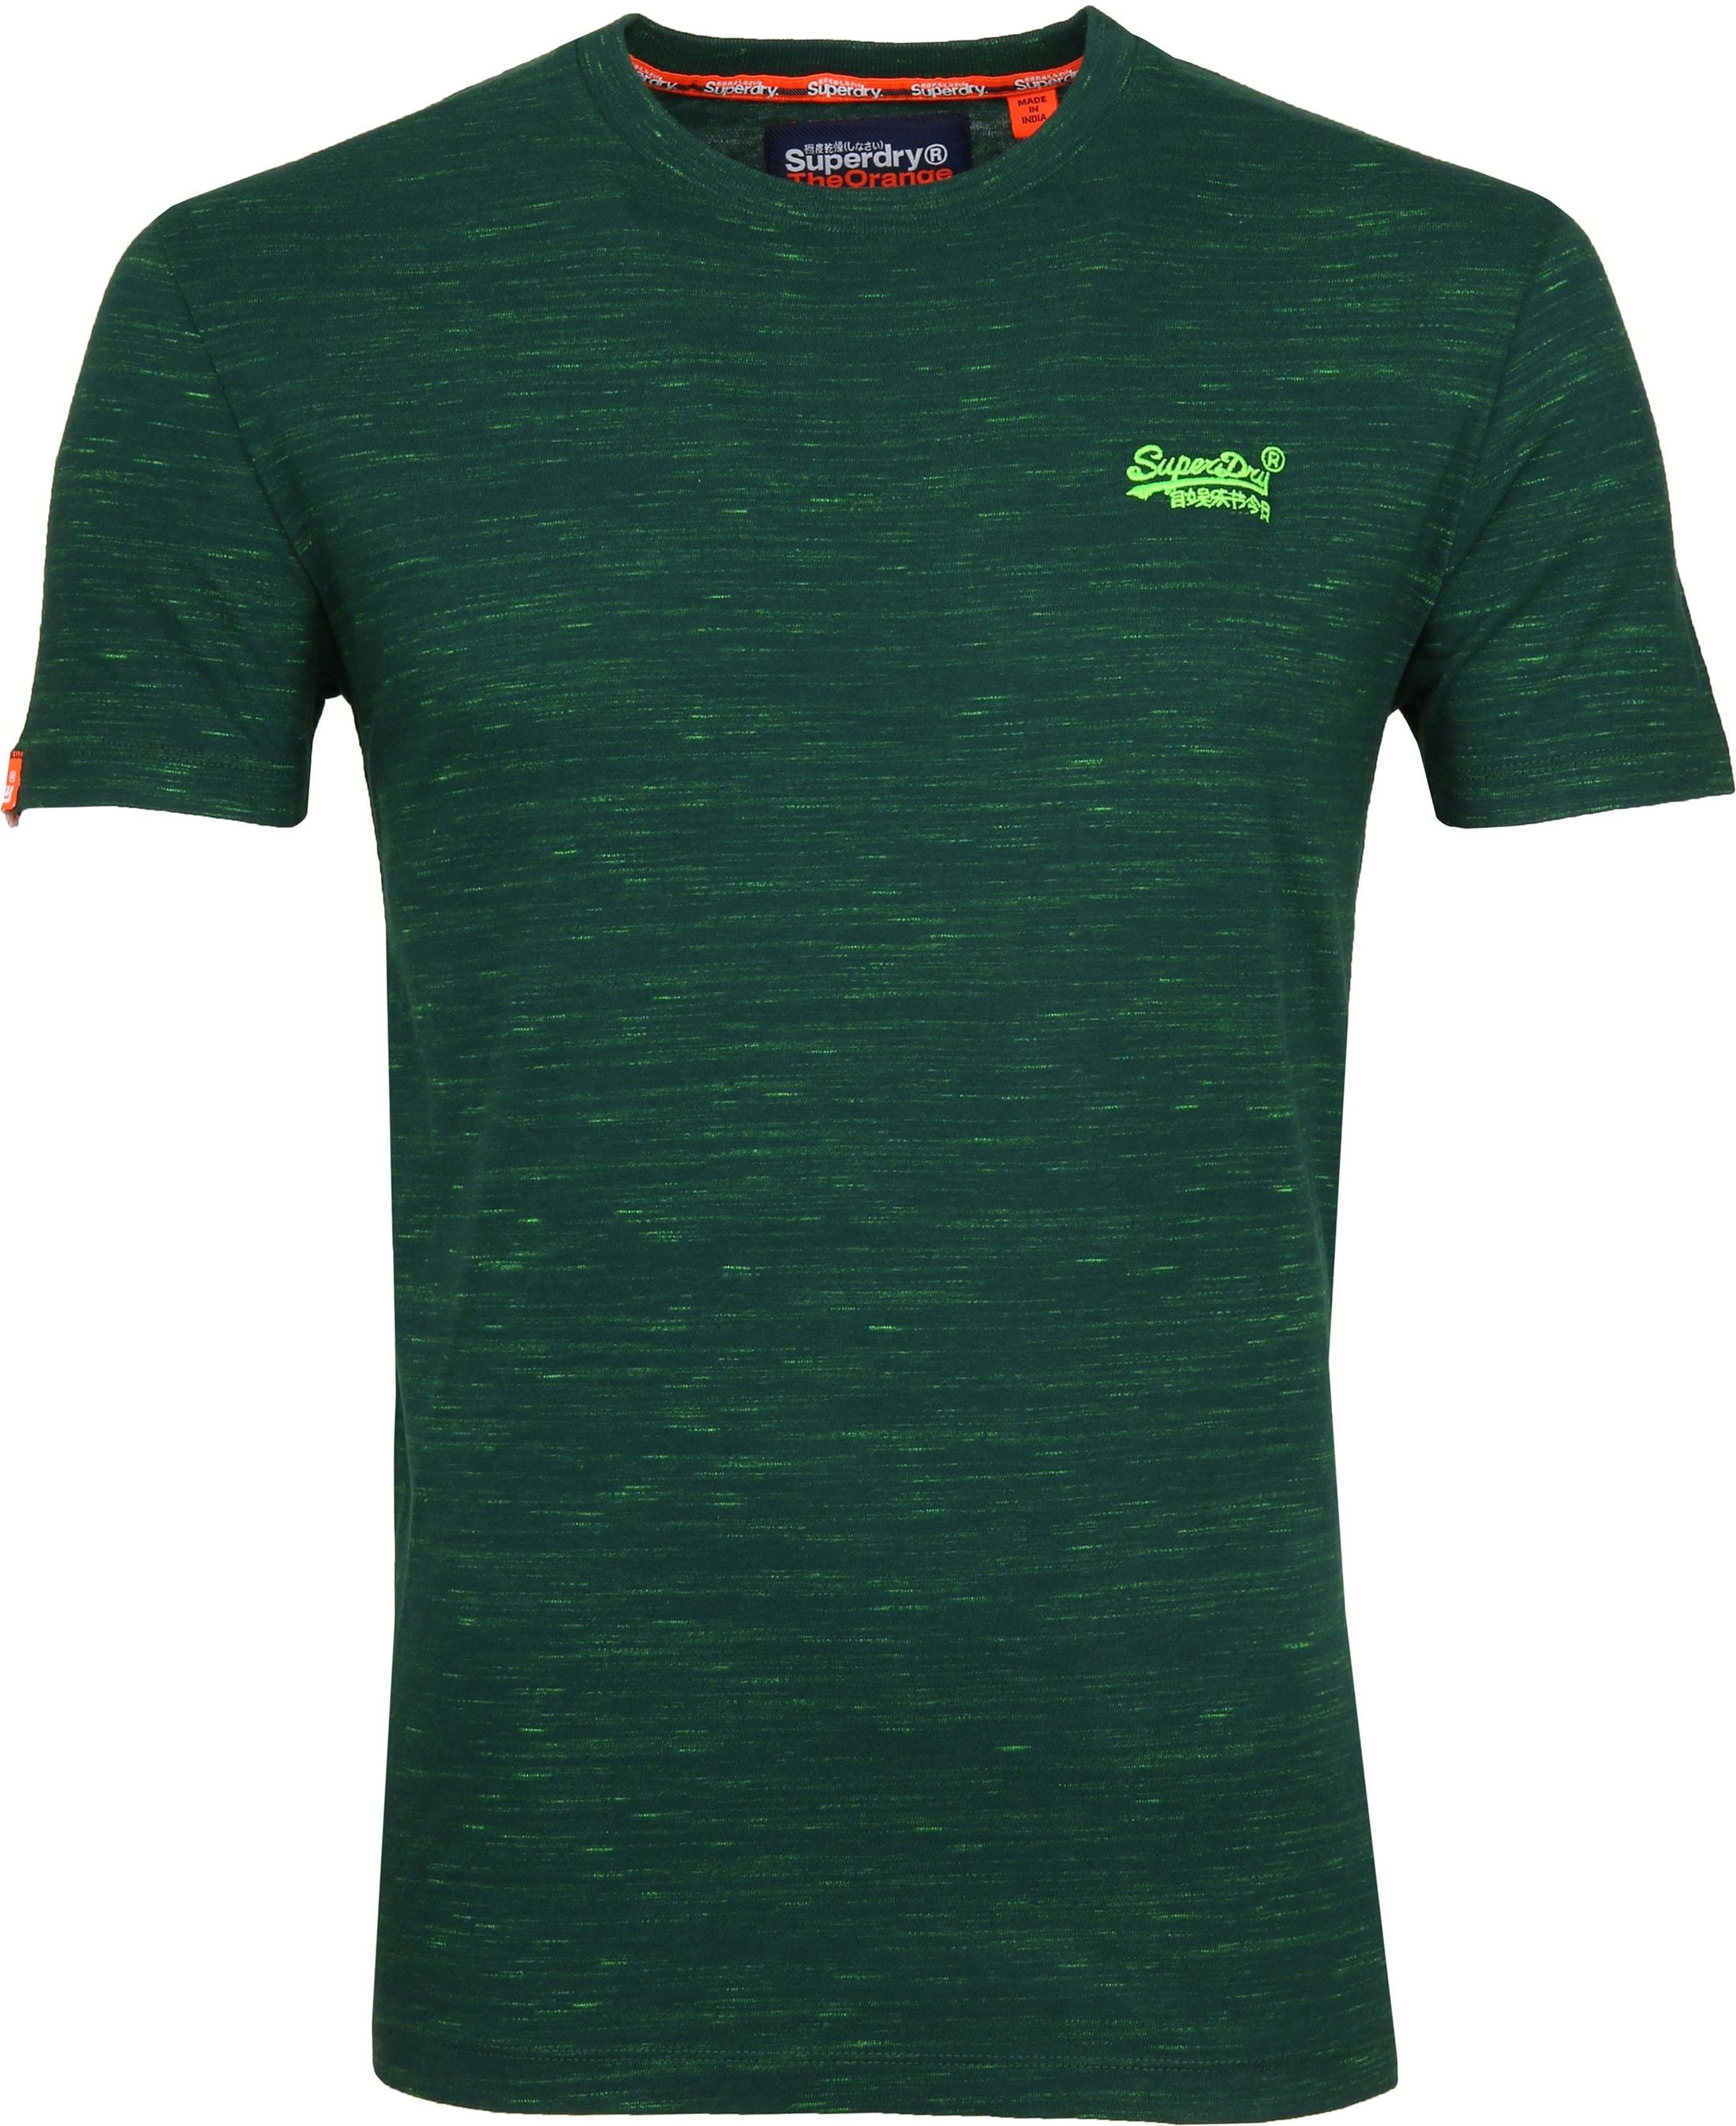 Superdry T-Shirt Melange Green foto 0